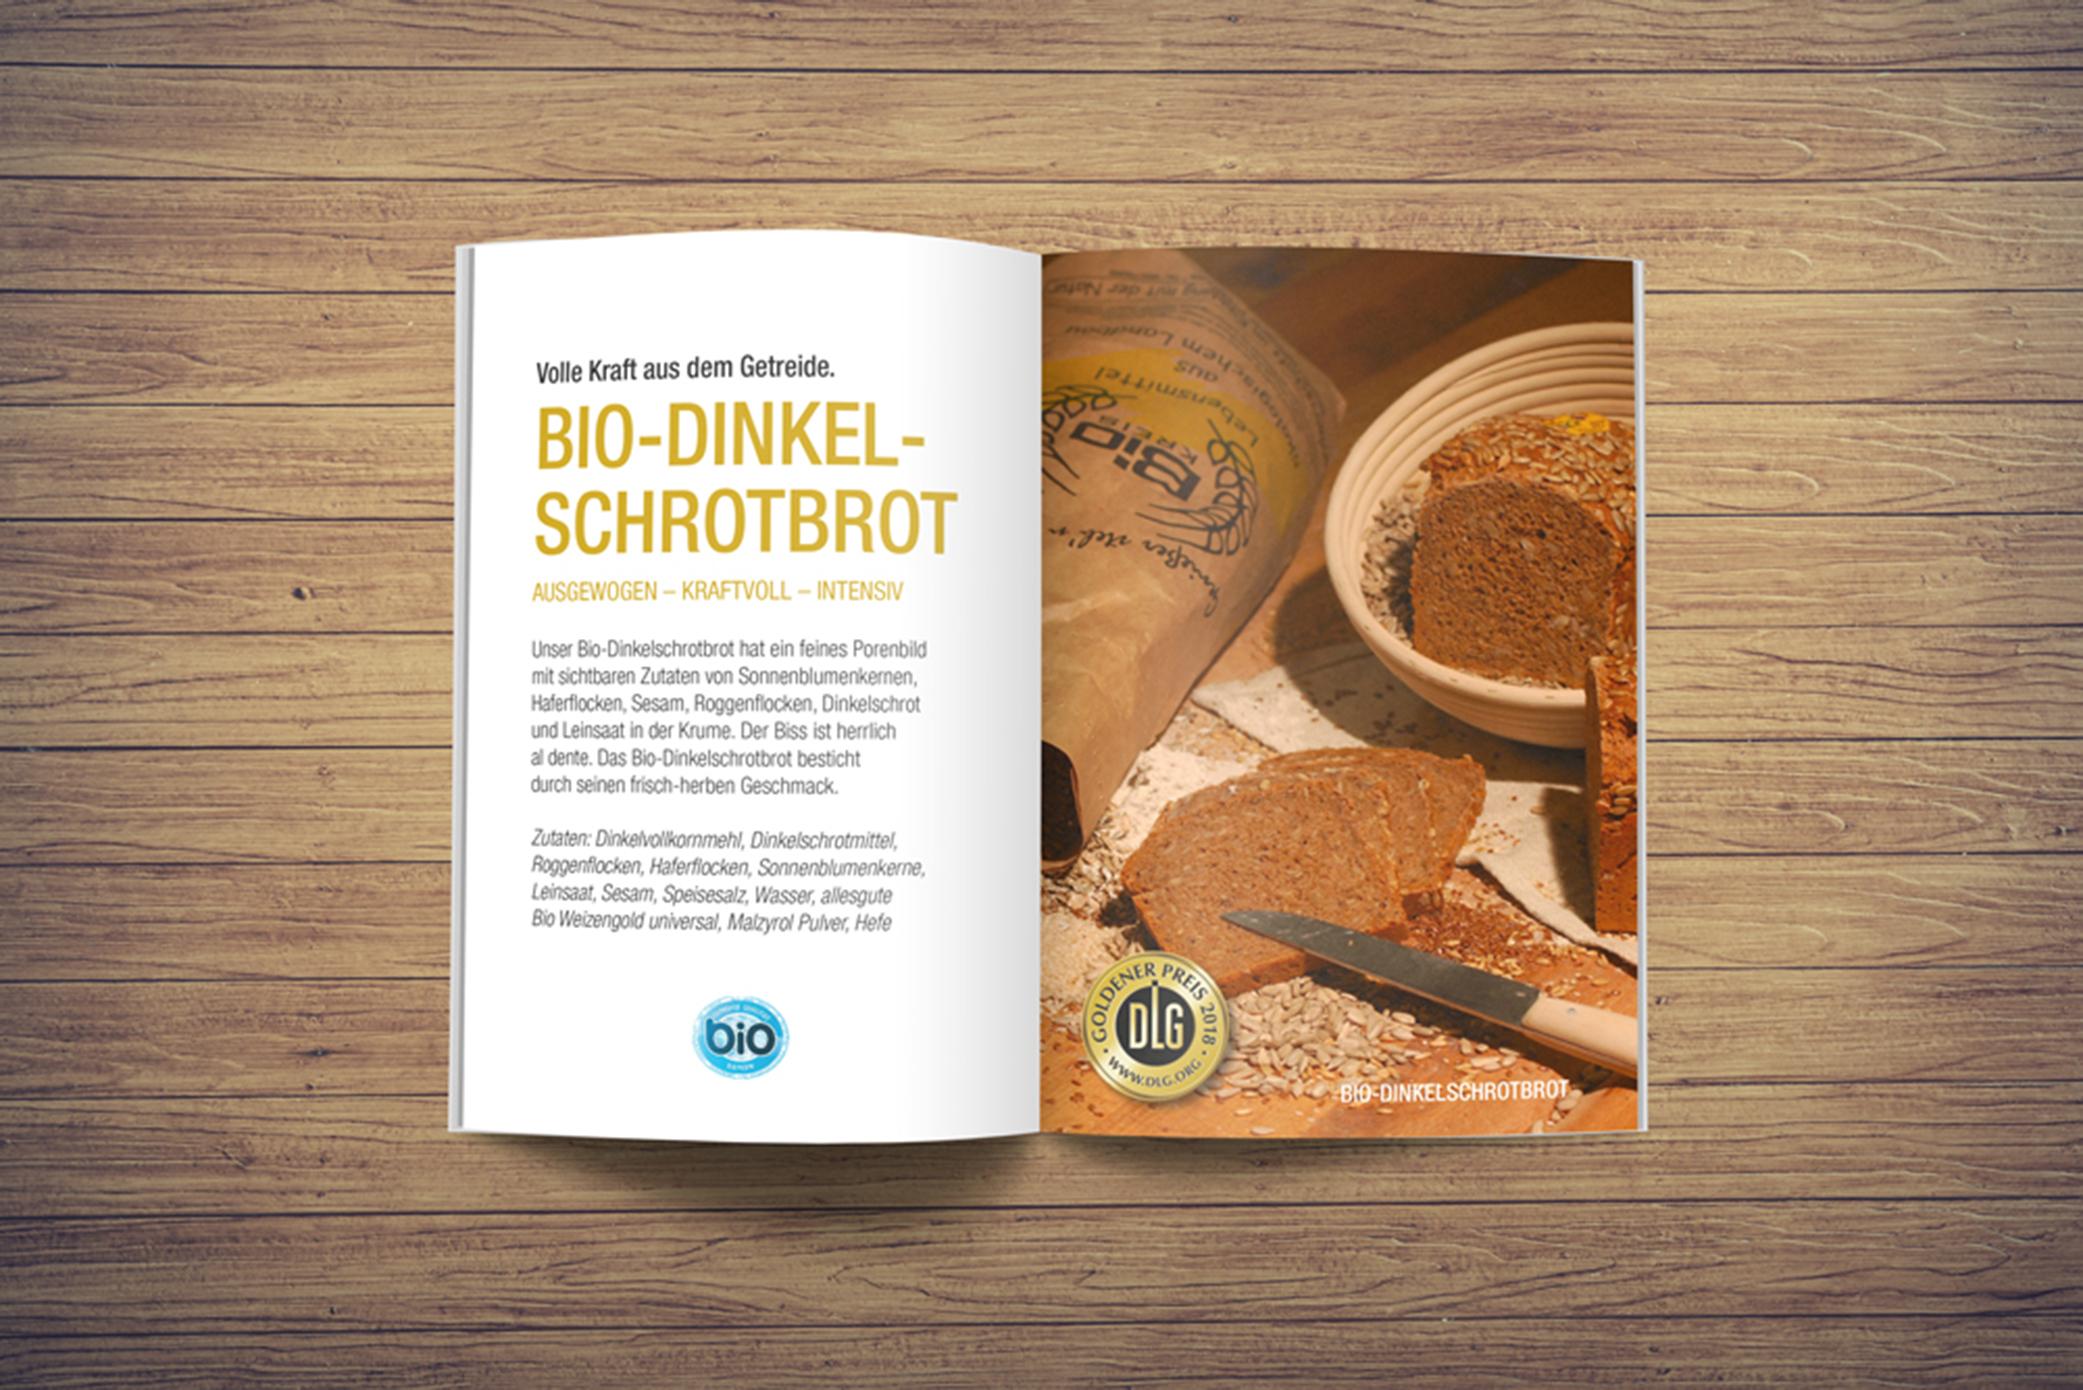 Werbeagentur M&W - Gestaltung und Produktion BIO-Brotflyer Landbäckerei Kerscher